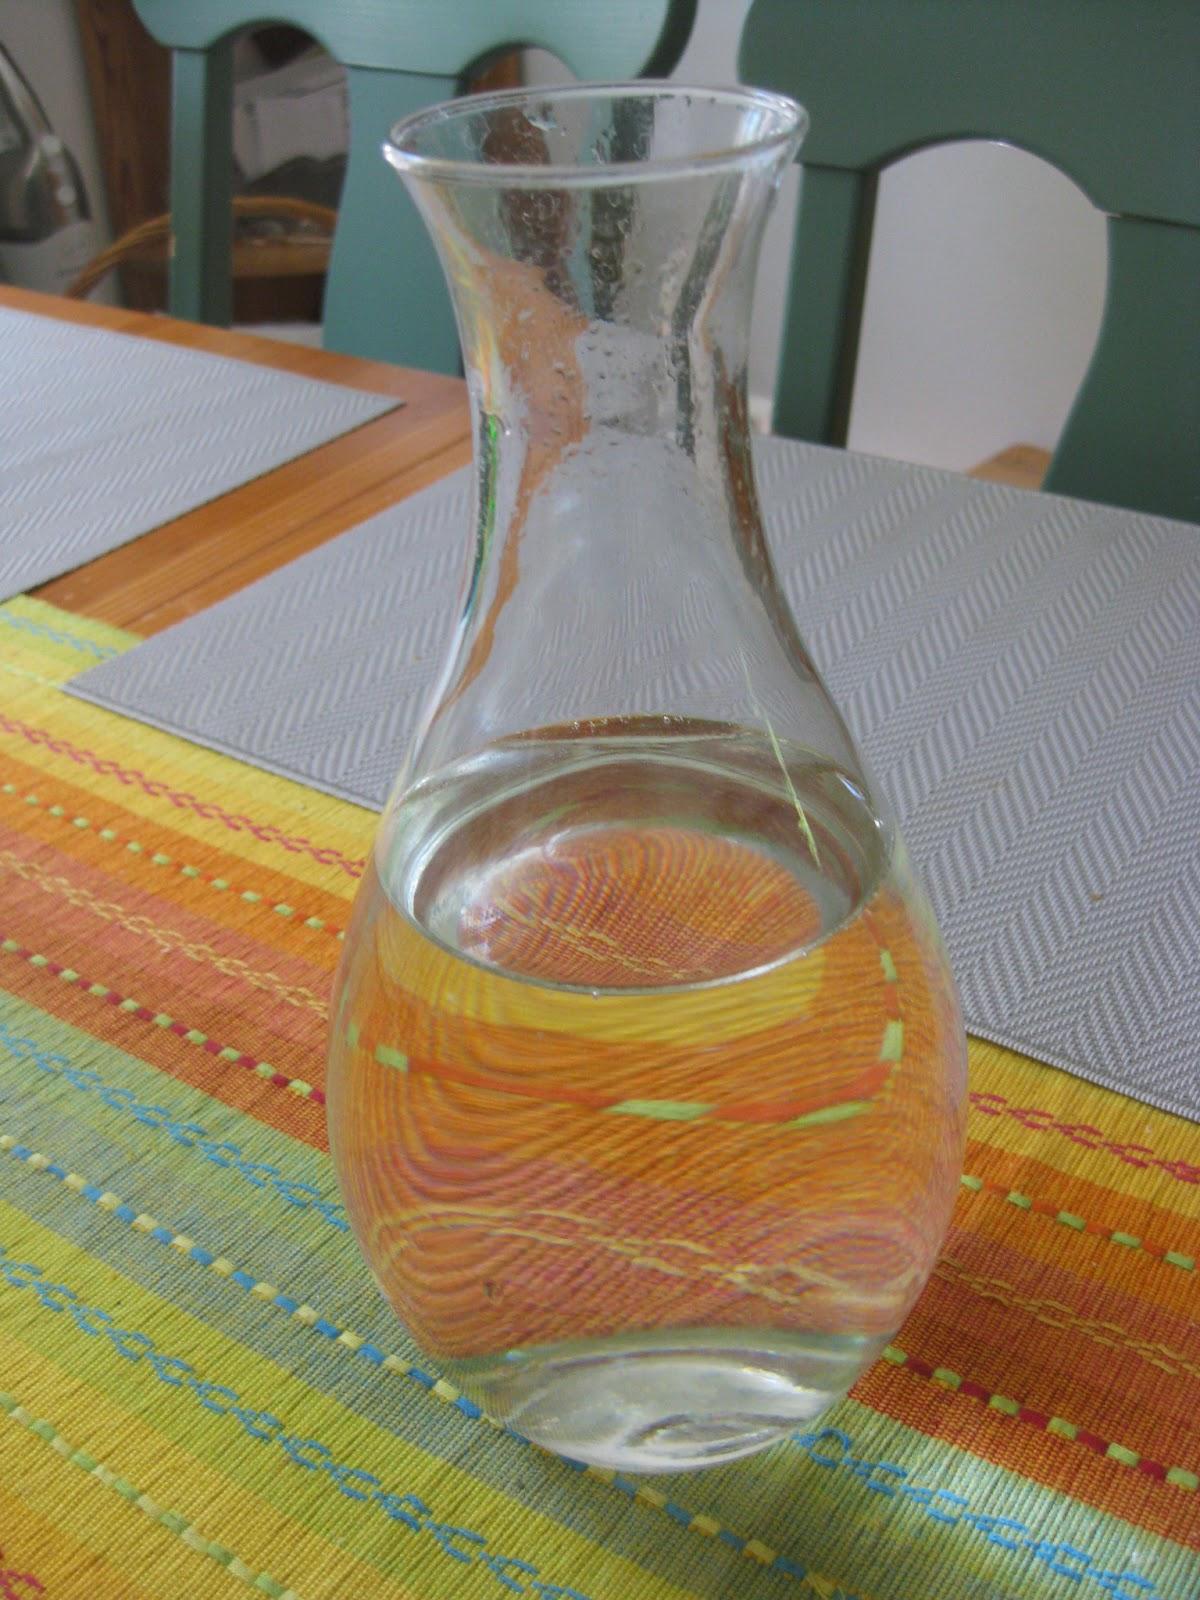 Etikka ja sooda kemiallinen reaktio